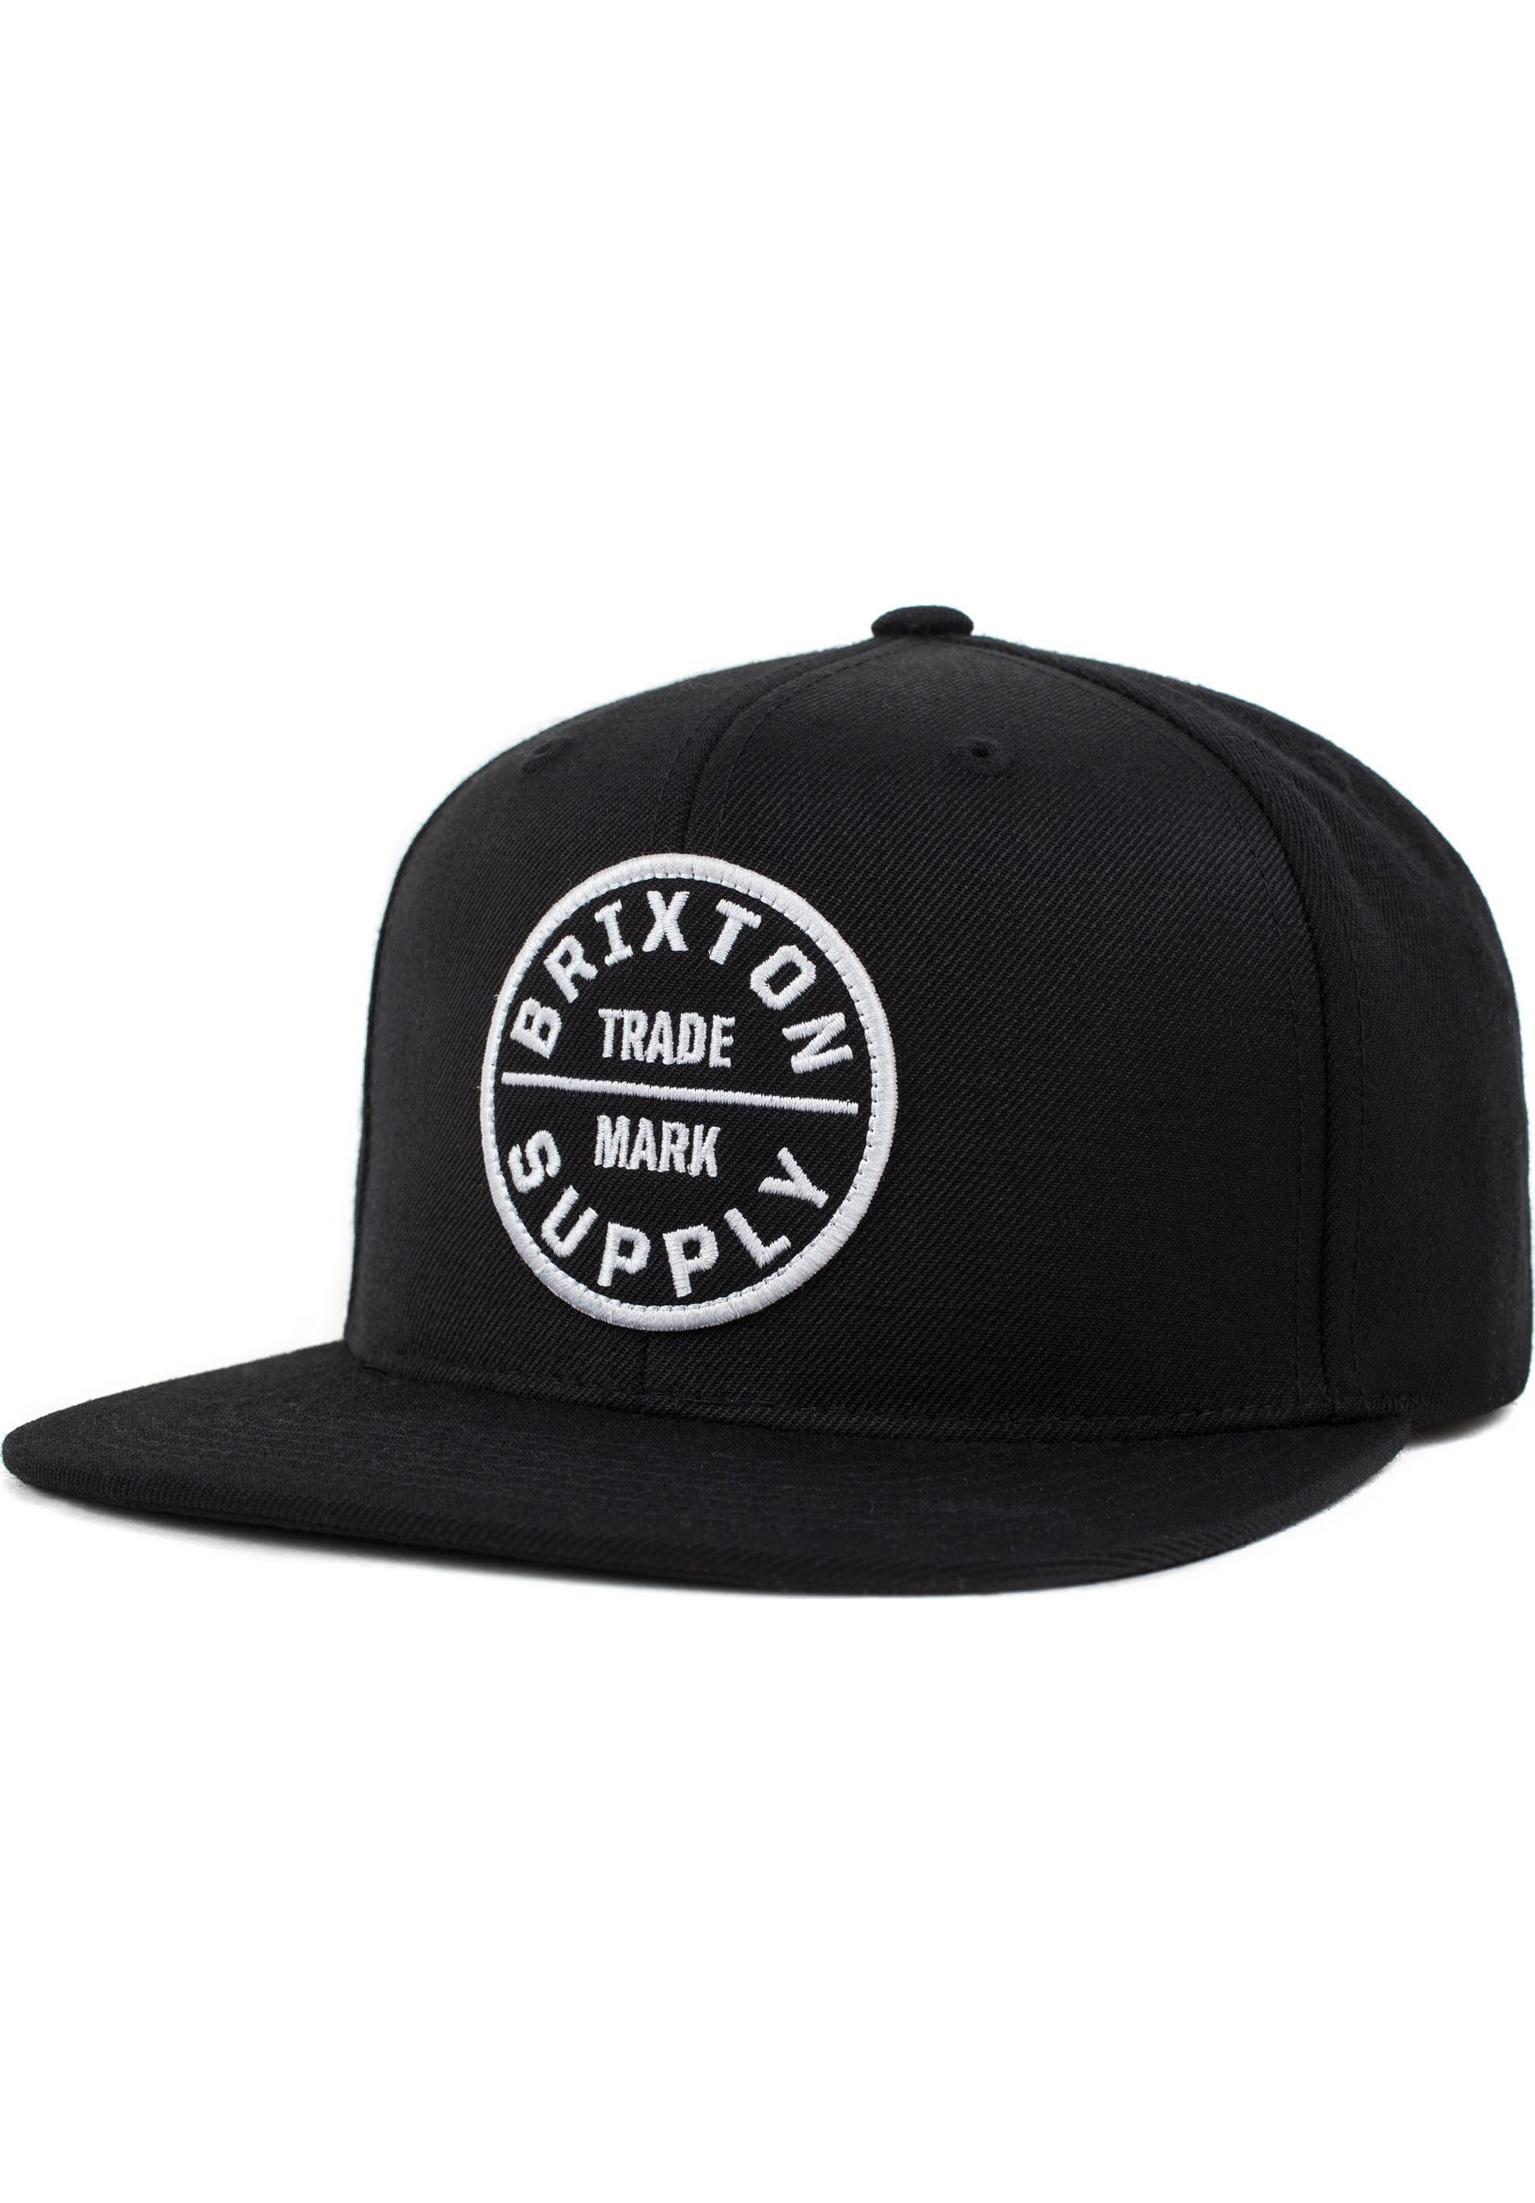 online retailer c0721 c2a62 Oath III Brixton Caps in black for Men   Titus